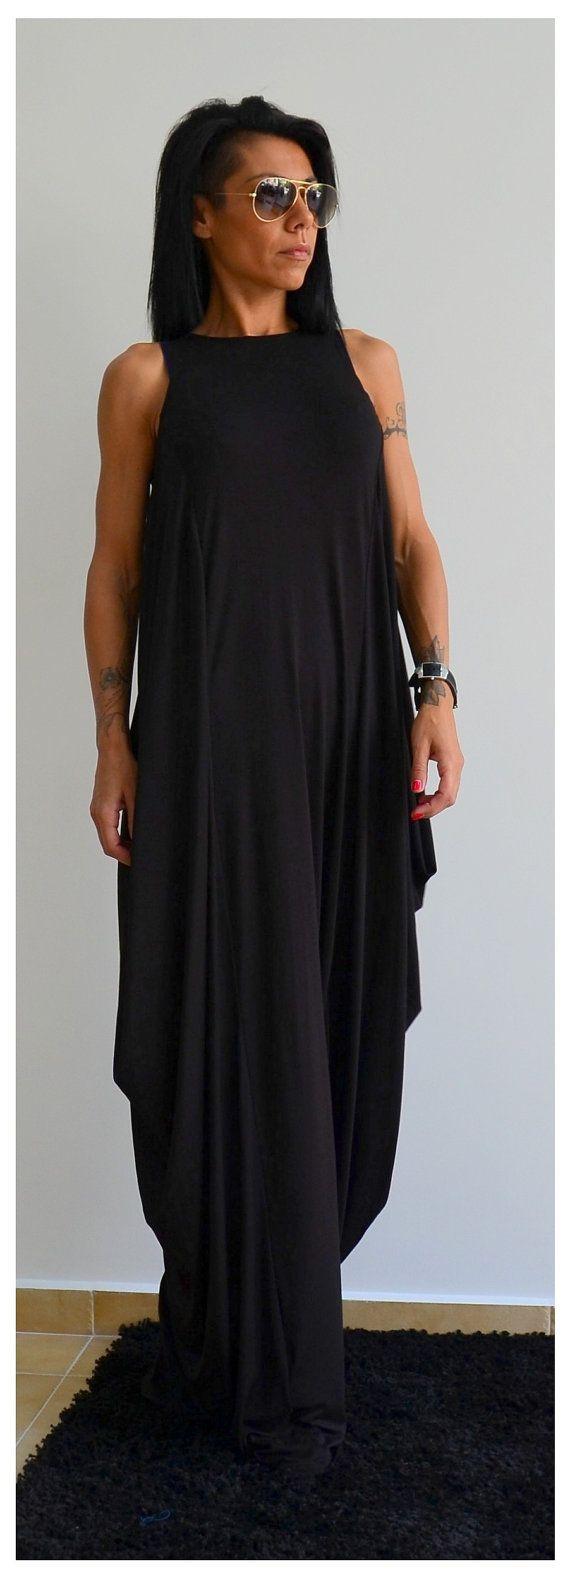 Schwarze lange lose Kleid / Maxi Kleid / von ClothesByLockerRoom